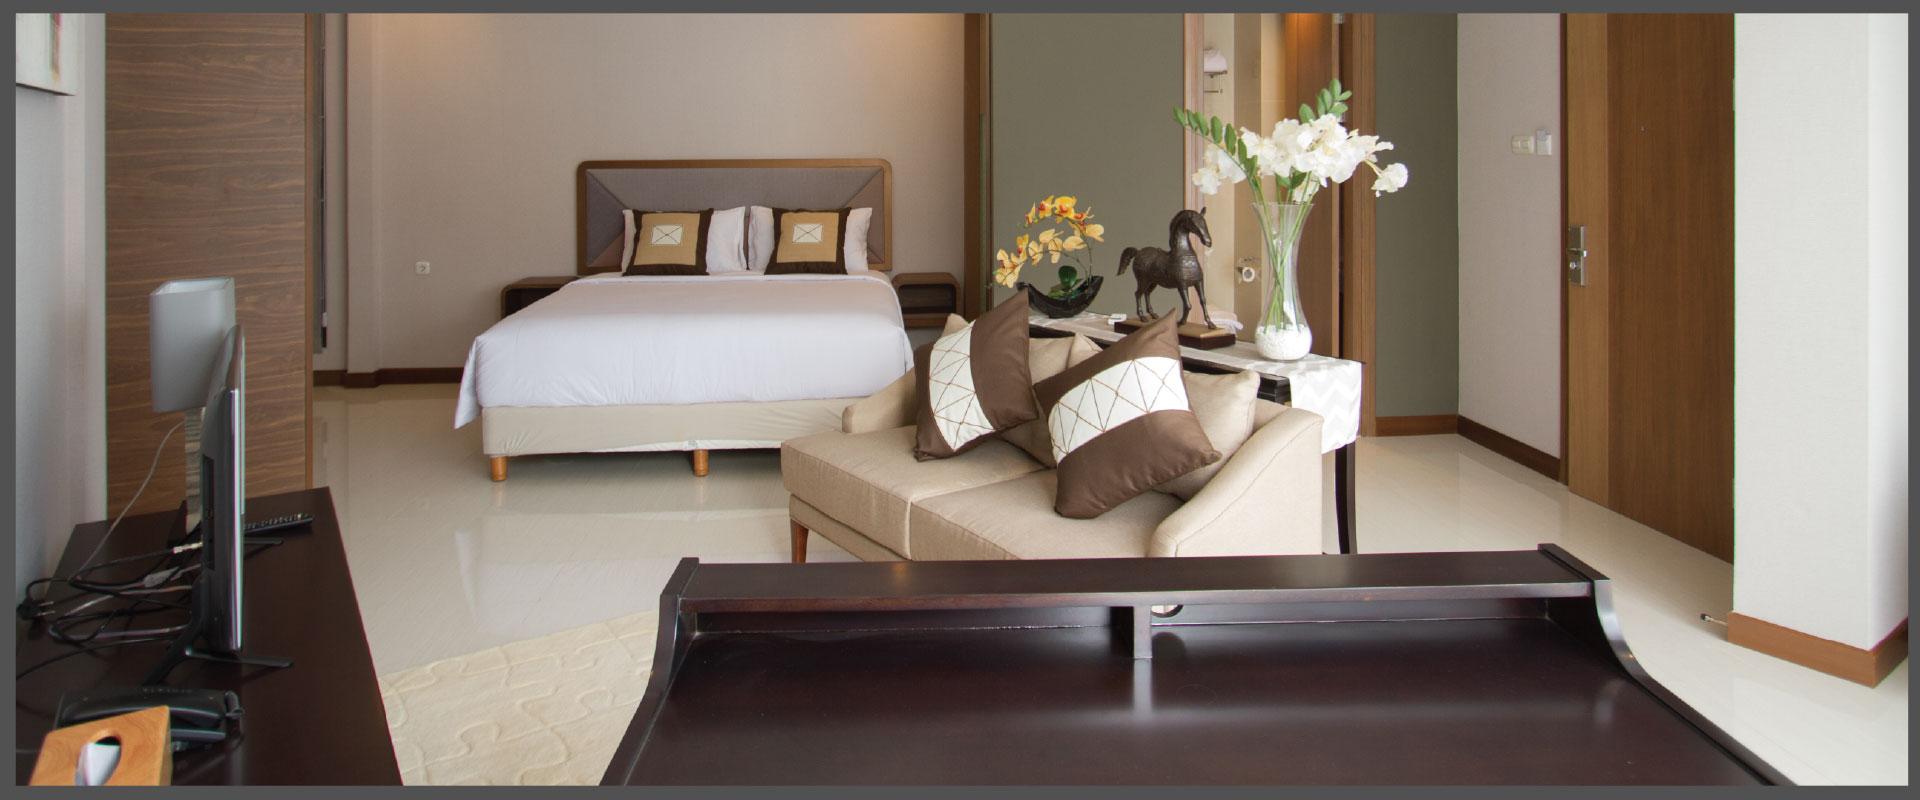 The Sawana Suites